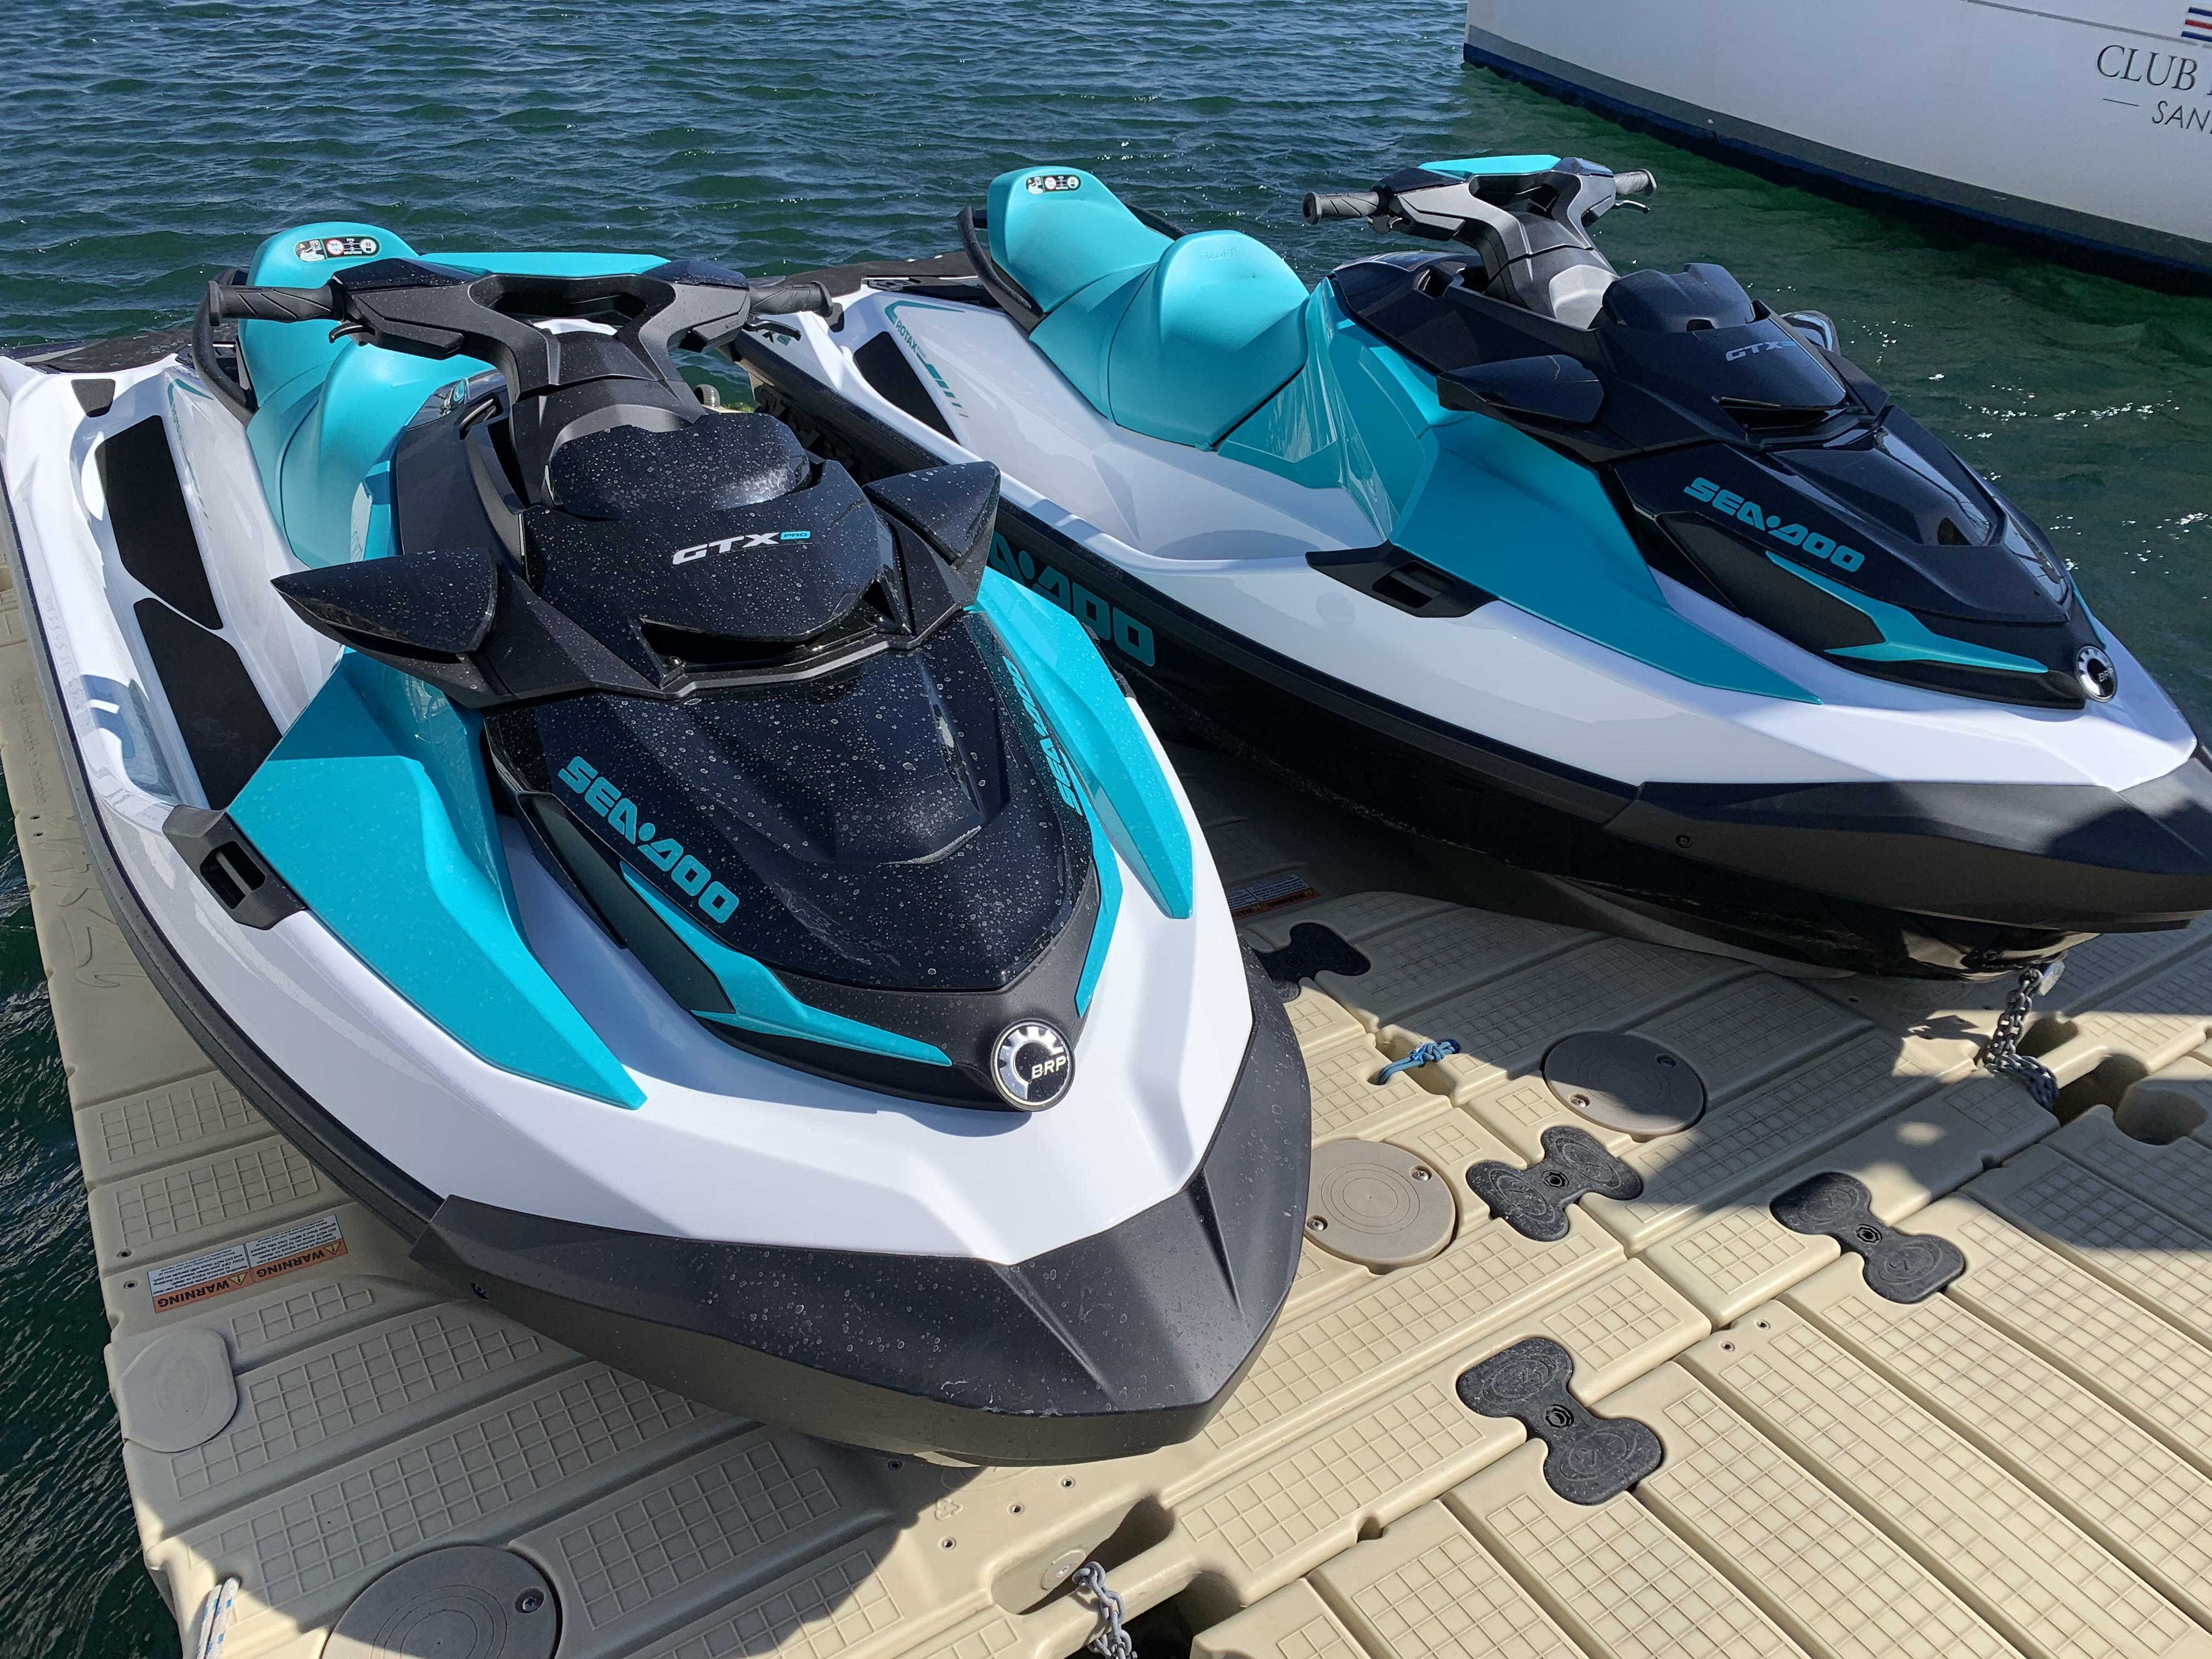 Sea doo GTX Pro 130 CV